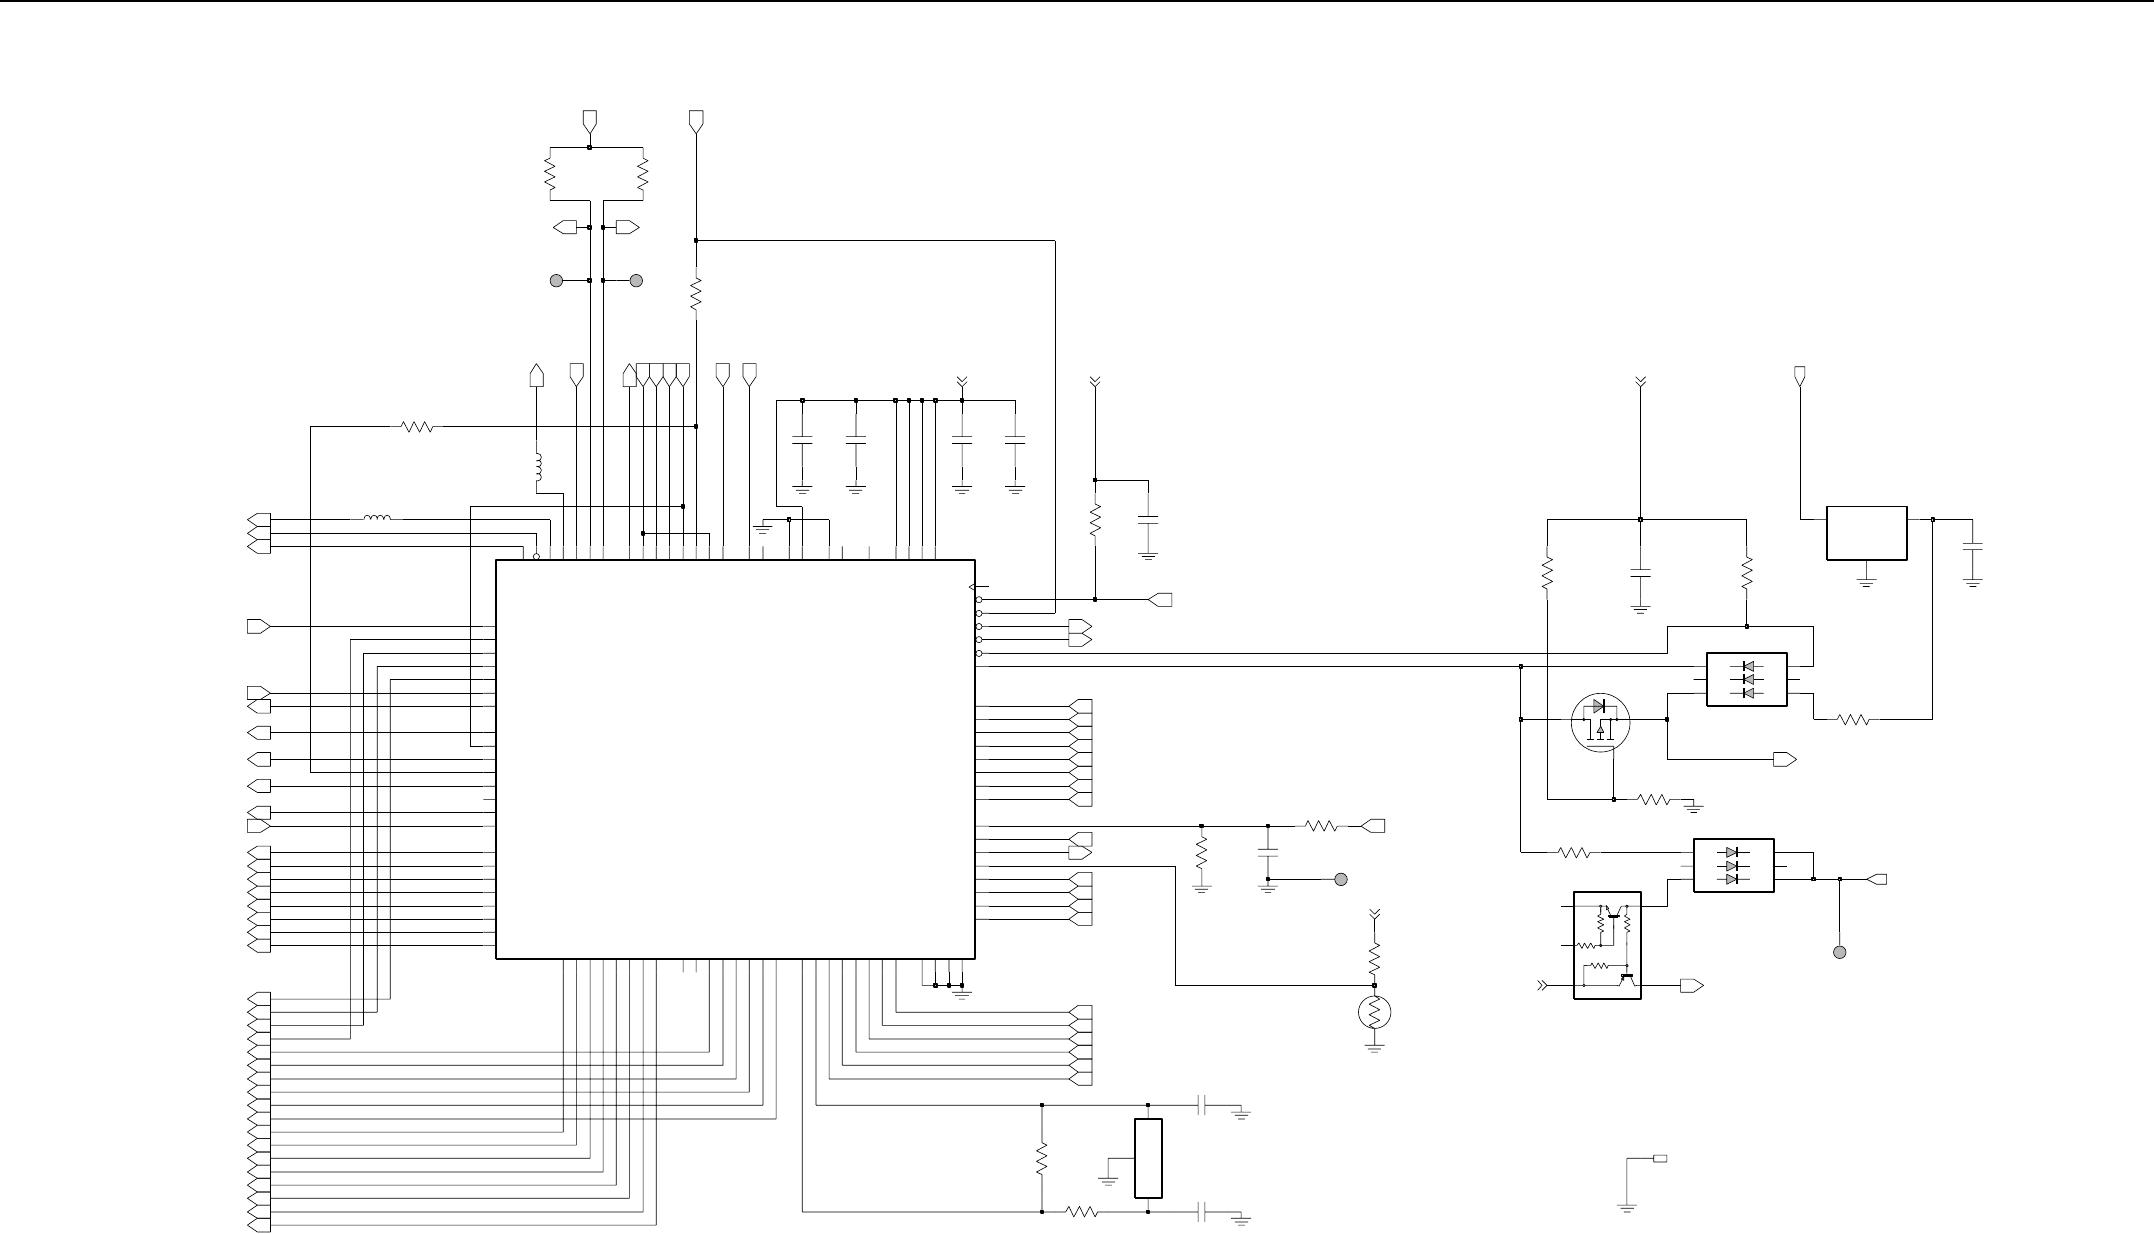 4110J64_DetailedBook GP Series/GP328 GP338 Detailed